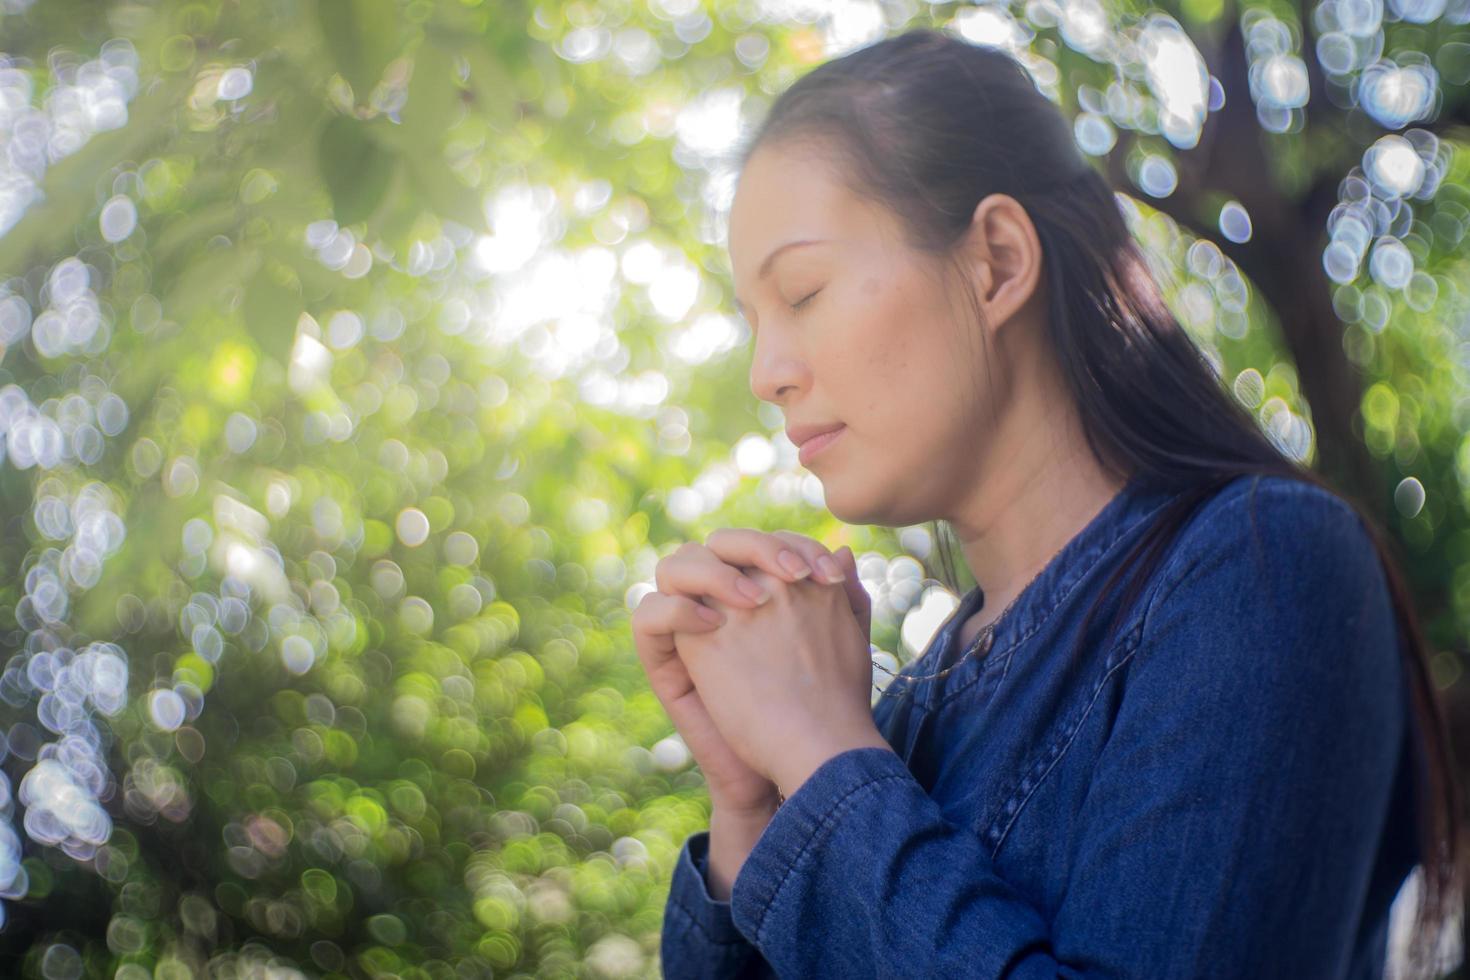 femme priant dans un jardin photo